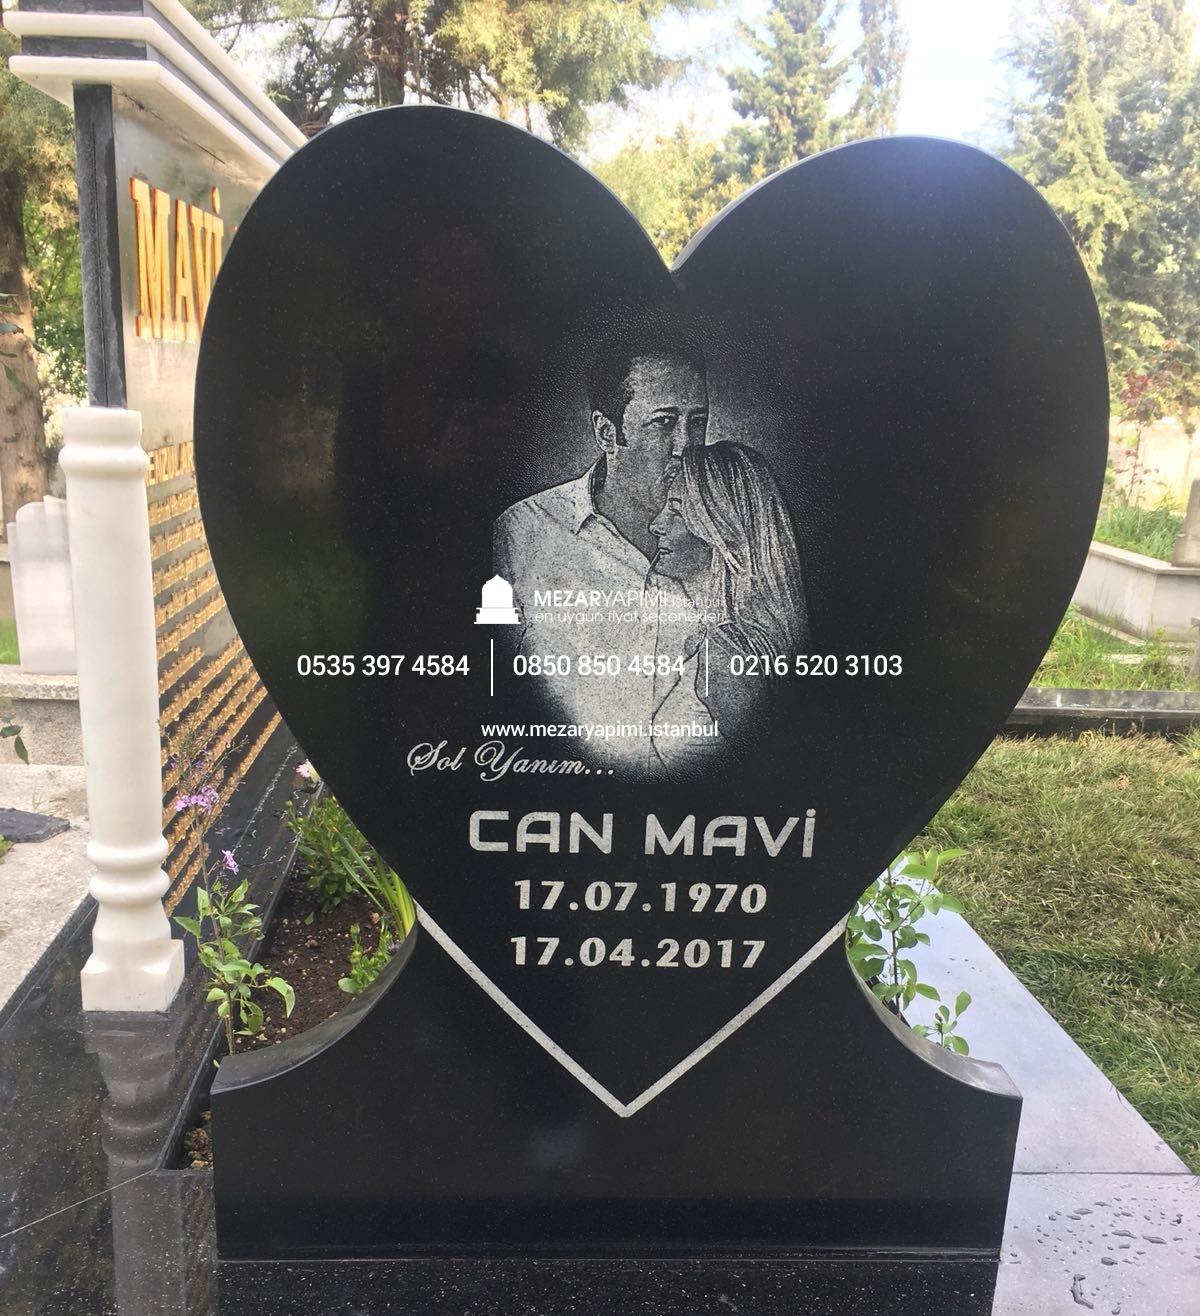 Kalp şeklinde Mezar Taşı üzerine Lazer Resim Mezar Yapımı Istanbul